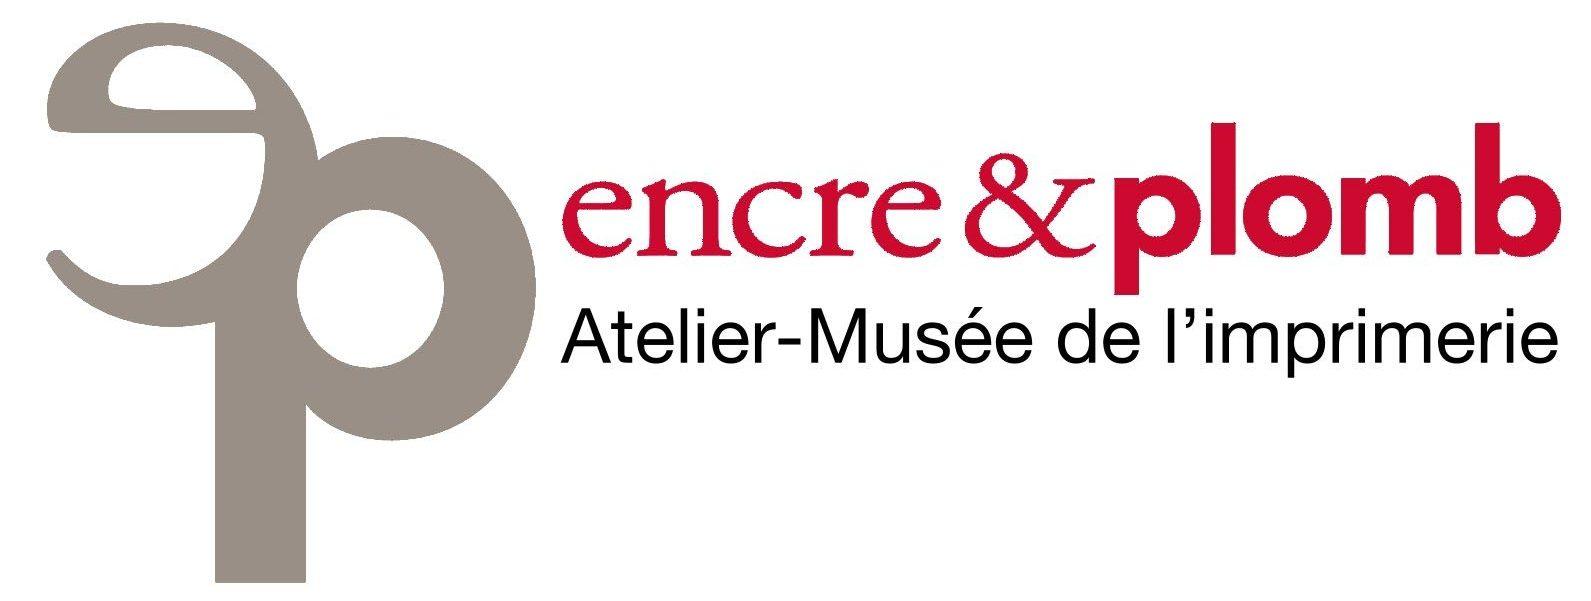 Atelier-Musée Encre & Plomb